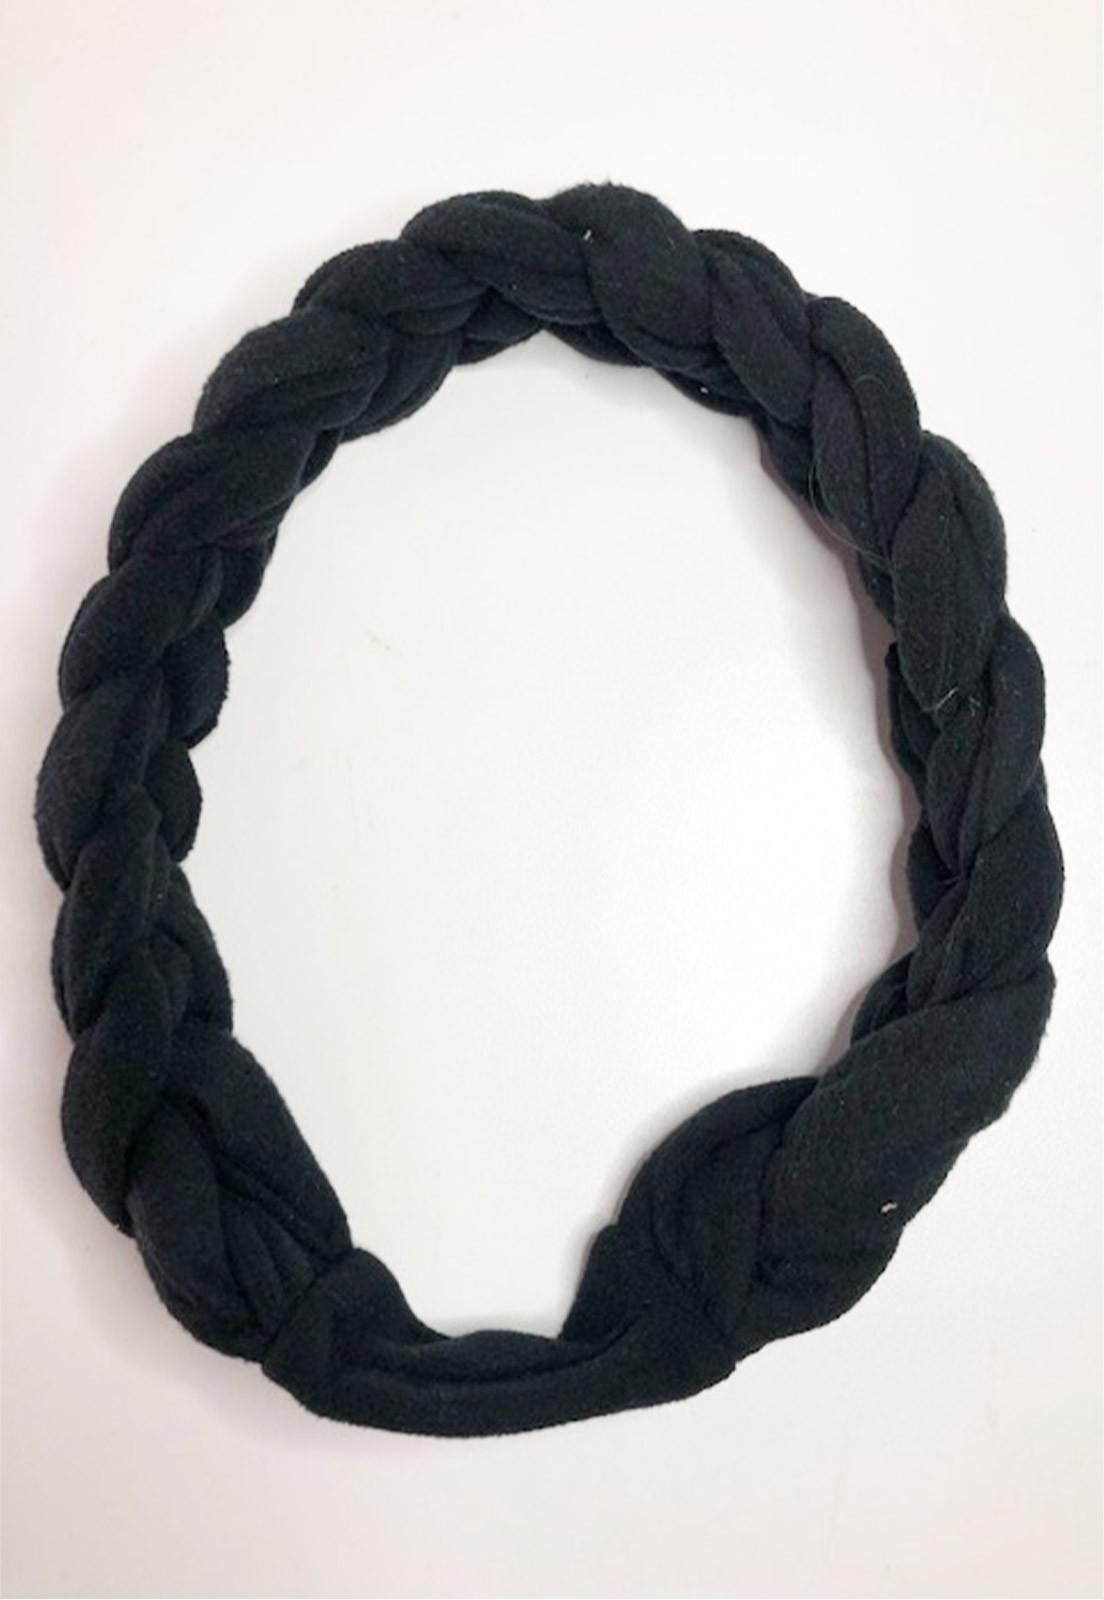 Faixa de cabelo trança preta